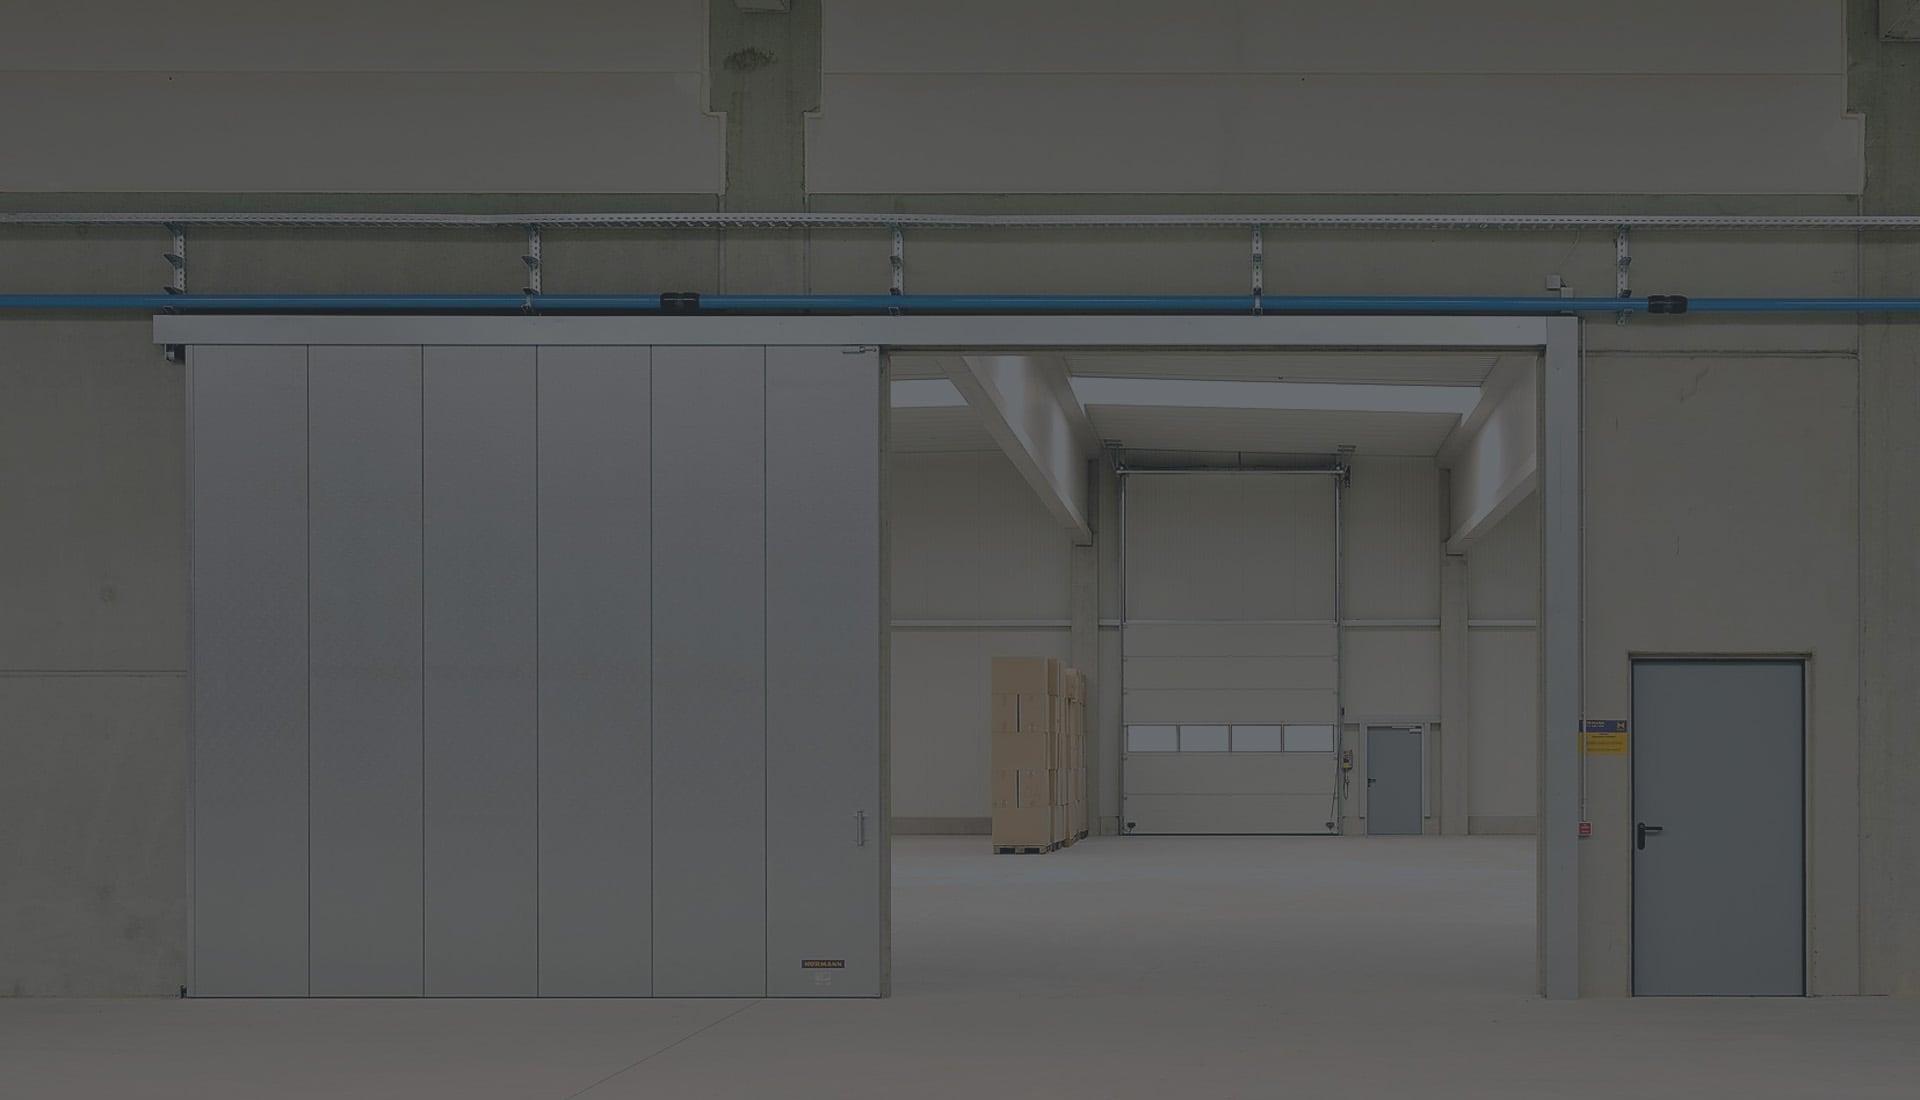 Приводы для автоматических двери